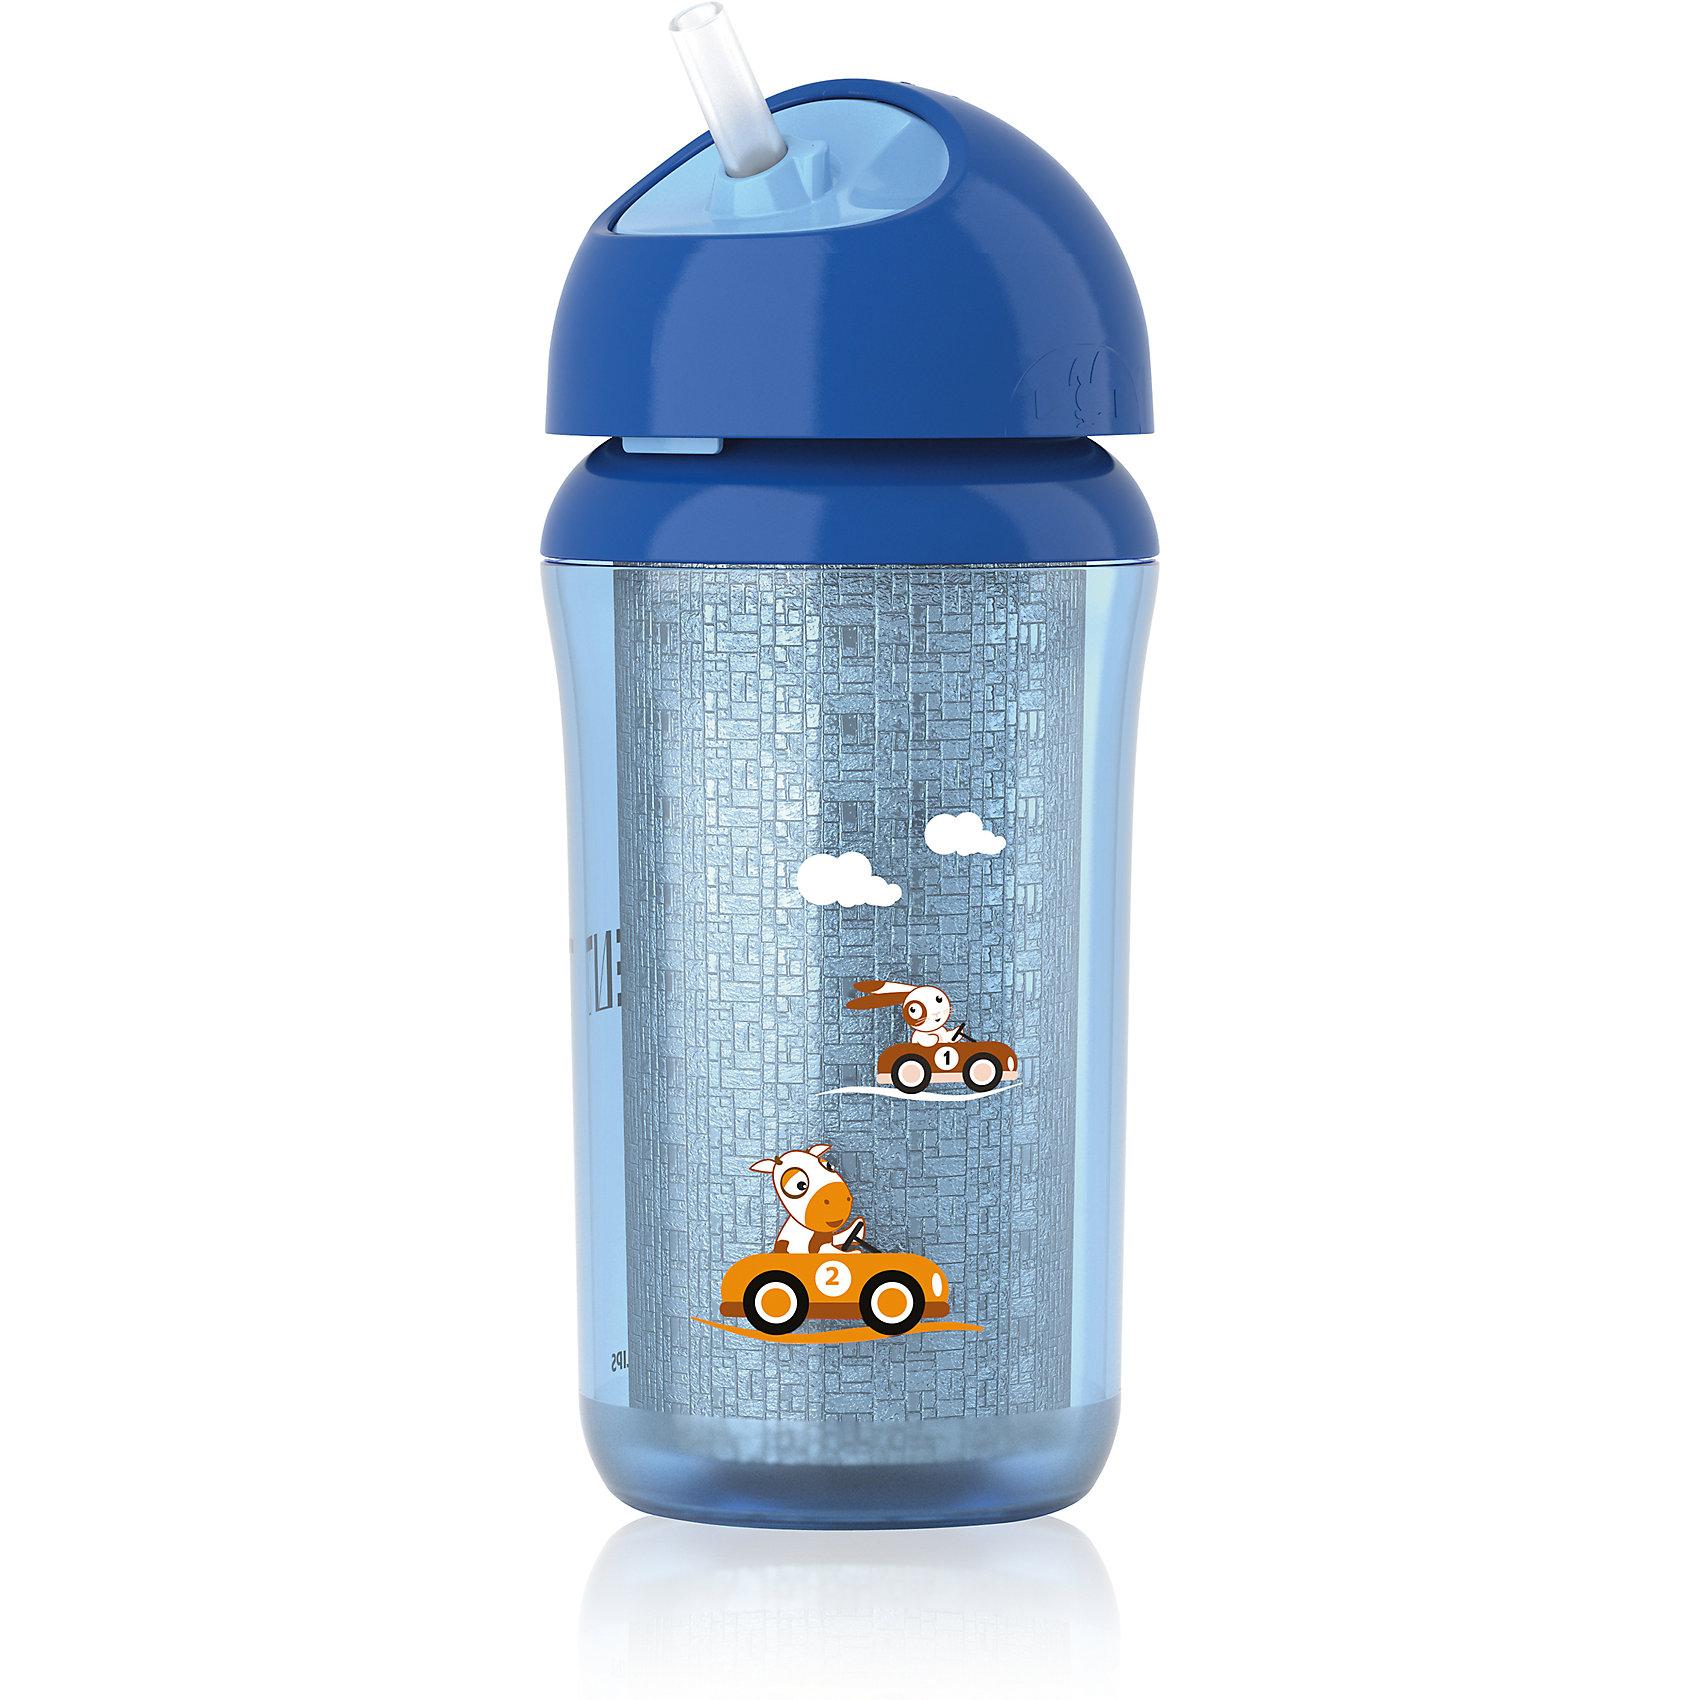 Термокружка-поильник с трубочкой, 260 мл, AVENT, синийТермочашка-поильник с трубочкой Philips AVENT (Филипс АВЕНТ) SCF766/00 поддерживает нужную температуру напитка для Вашего малыша. Герметичная чашка с завинчивающейся крышкой предназначена для обучения самостоятельному питанию. <br>Дополнительная информация:<br>- Дольше сохраняет свежесть напитка<br>-  Дольше поддерживает оптимальную температуру напитка<br>- Герметична<br>-  Гибкая трубочка со встроенным герметичным клапаном<br>- Удобно пить<br>- Простота в использовании: ребенок может пить, не прикладывая больших усилий<br>- Легко чистится<br>- Небольшое количество деталей упрощает чистку и сборку<br>-Все детали можно мыть в посудомоечной машине<br>Не содержит бисфенол-А<br>В комплект входят:<br>• Силиконовая трубочка: 1 шт.<br>• Завинчивающаяся крышка с трубочкой: 1 шт.<br>• Чашка (260 мл/ 9 унций): 1 шт.<br>Дополнительная информация:<br>- Возраст: 12 мес. +<br>- Размеры:<br>• Глубина: 80 мм<br>• Высота: 260 мм<br>• Длина: 100 мм<br>- Вес: 180 г<br>Термочашку-поильник с трубочкой AVENT, 260 мл в синем цвете можно купить в нашем интернет-магазине.<br>Термочашка-поильник с трубочкой Philips AVENT (Филипс АВЕНТ) SCF766/00 поддерживает нужную температуру напитка для Вашего малыша. Герметичная чашка с завинчивающейся крышкой предназначена для обучения самостоятельному питанию. <br>Дополнительная информация:<br>- Дольше сохраняет свежесть напитка<br>-  Дольше поддерживает оптимальную температуру напитка<br>- Герметична<br>-  Гибкая трубочка со встроенным герметичным клапаном<br>- Удобно пить<br>- Простота в использовании: ребенок может пить, не прикладывая больших усилий<br>- Легко чистится<br>- Небольшое количество деталей упрощает чистку и сборку<br>-Все детали можно мыть в посудомоечной машине<br>Не содержит бисфенол-А<br>В комплект входят:<br>• Силиконовая трубочка: 1 шт.<br>• Завинчивающаяся крышка с трубочкой: 1 шт.<br>• Чашка (260 мл/ 9 унций): 1 шт.<br>Дополнительная информация:<br>- Возраст: 12 мес. +<br>- Ра